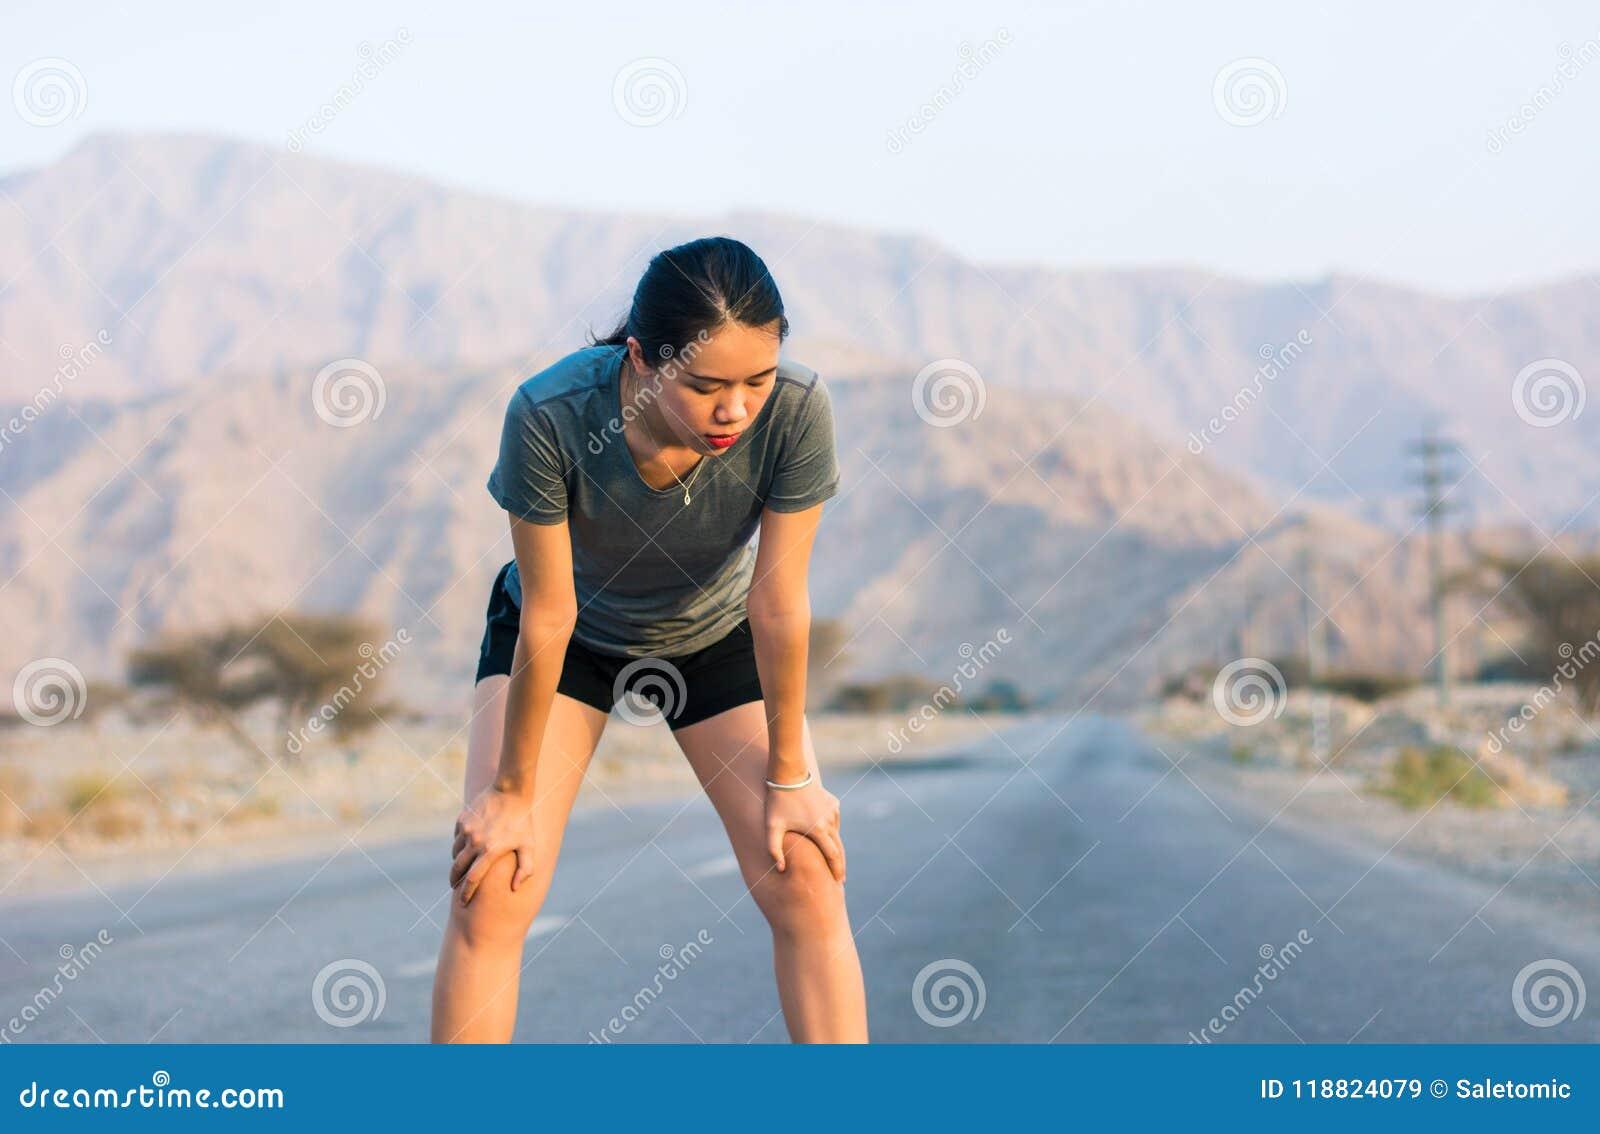 Agent die een rust op een woestijnweg nemen